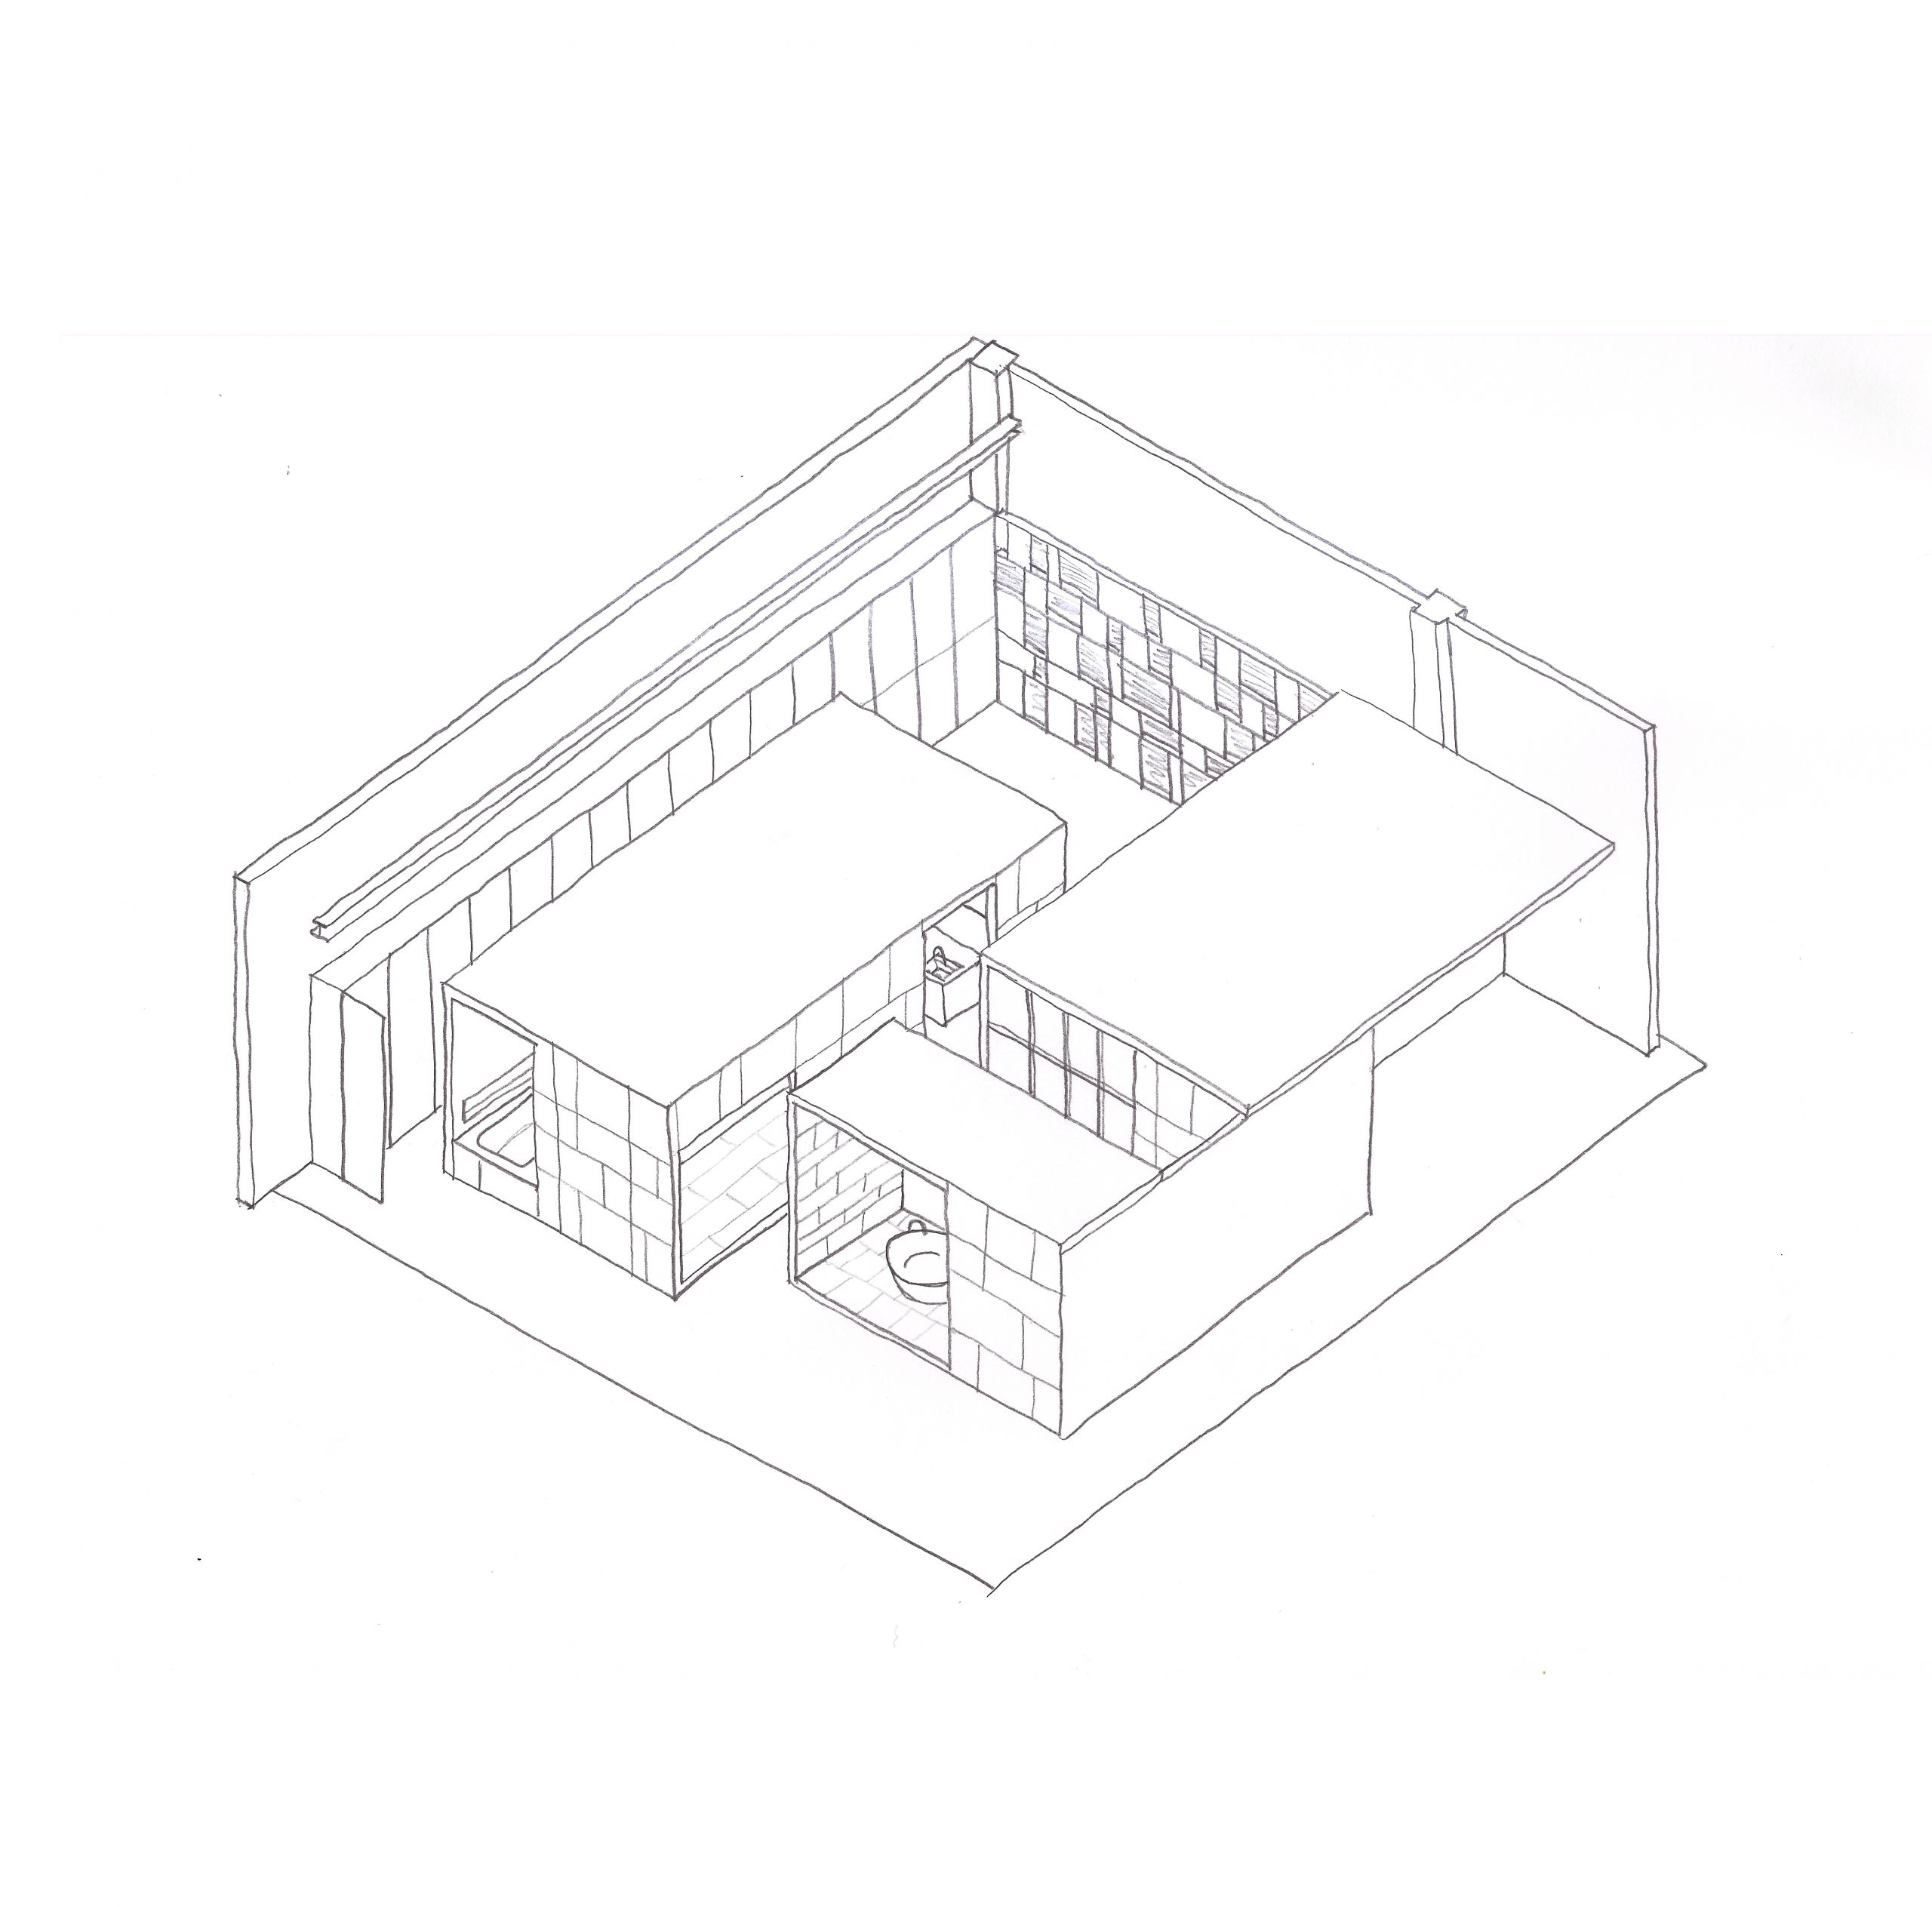 Concept sketch of Showroom Interior Design by Debiasi Sandri for Grassi Pietre